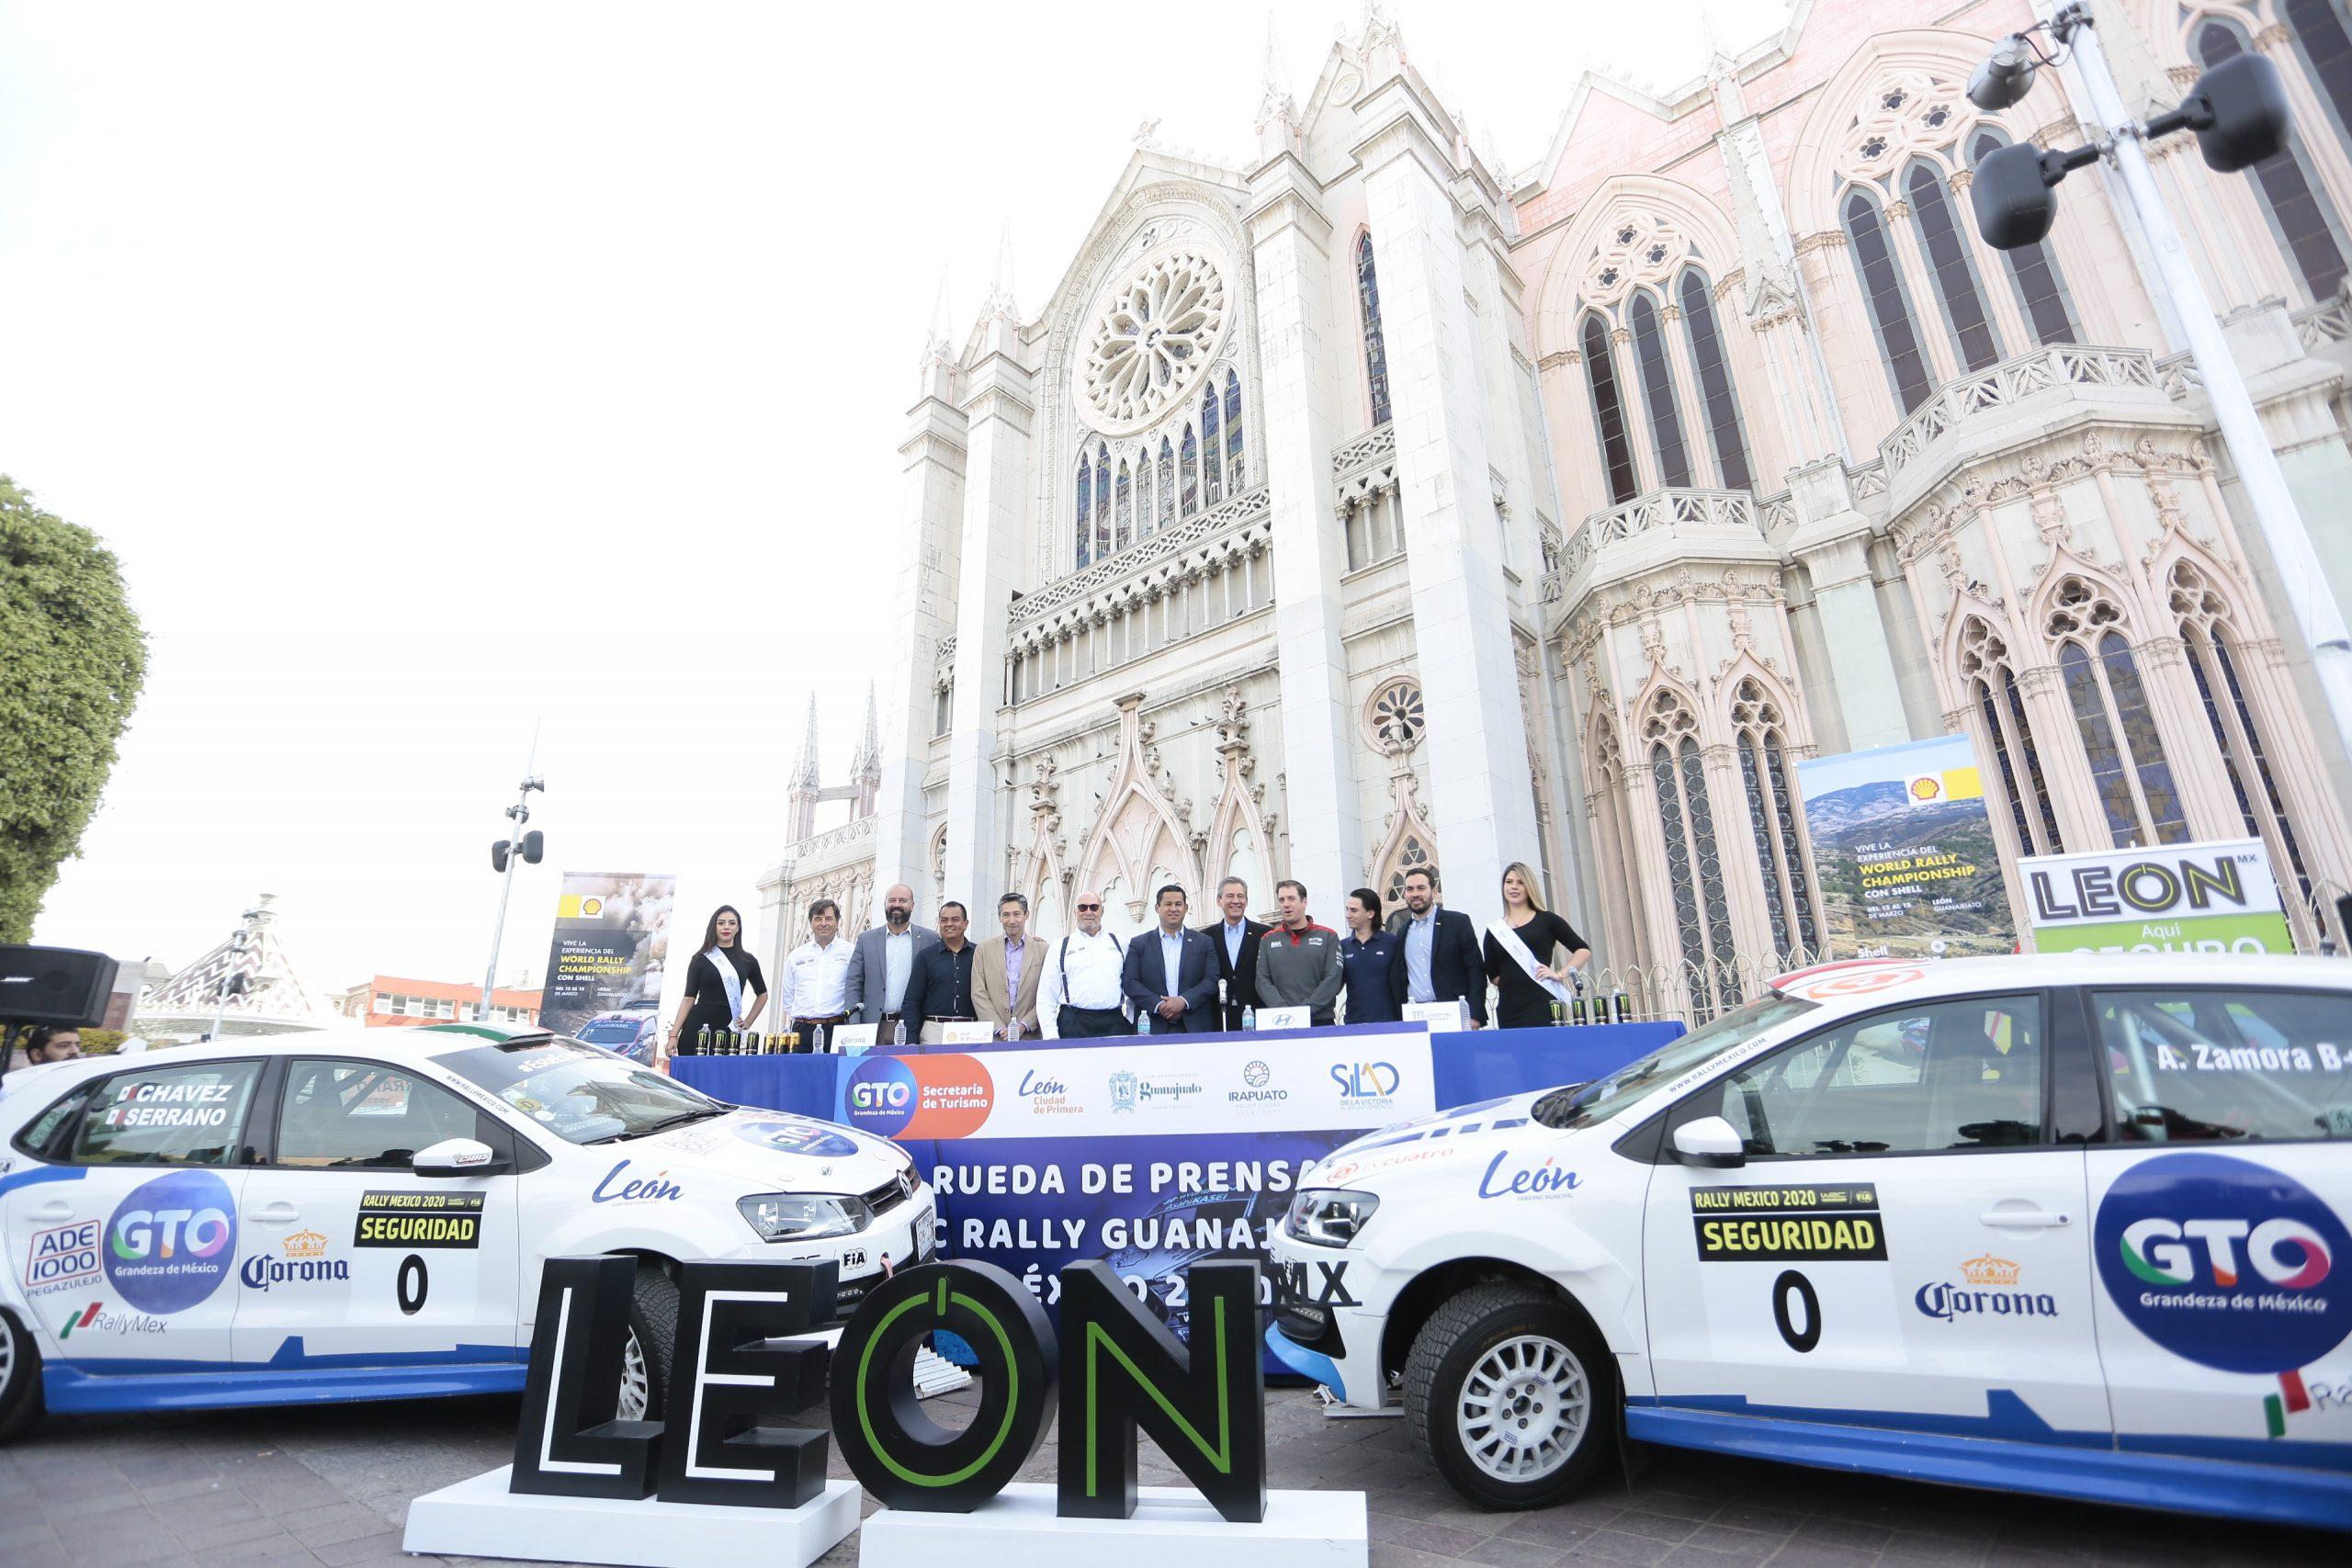 Rally Guanajuto 2020